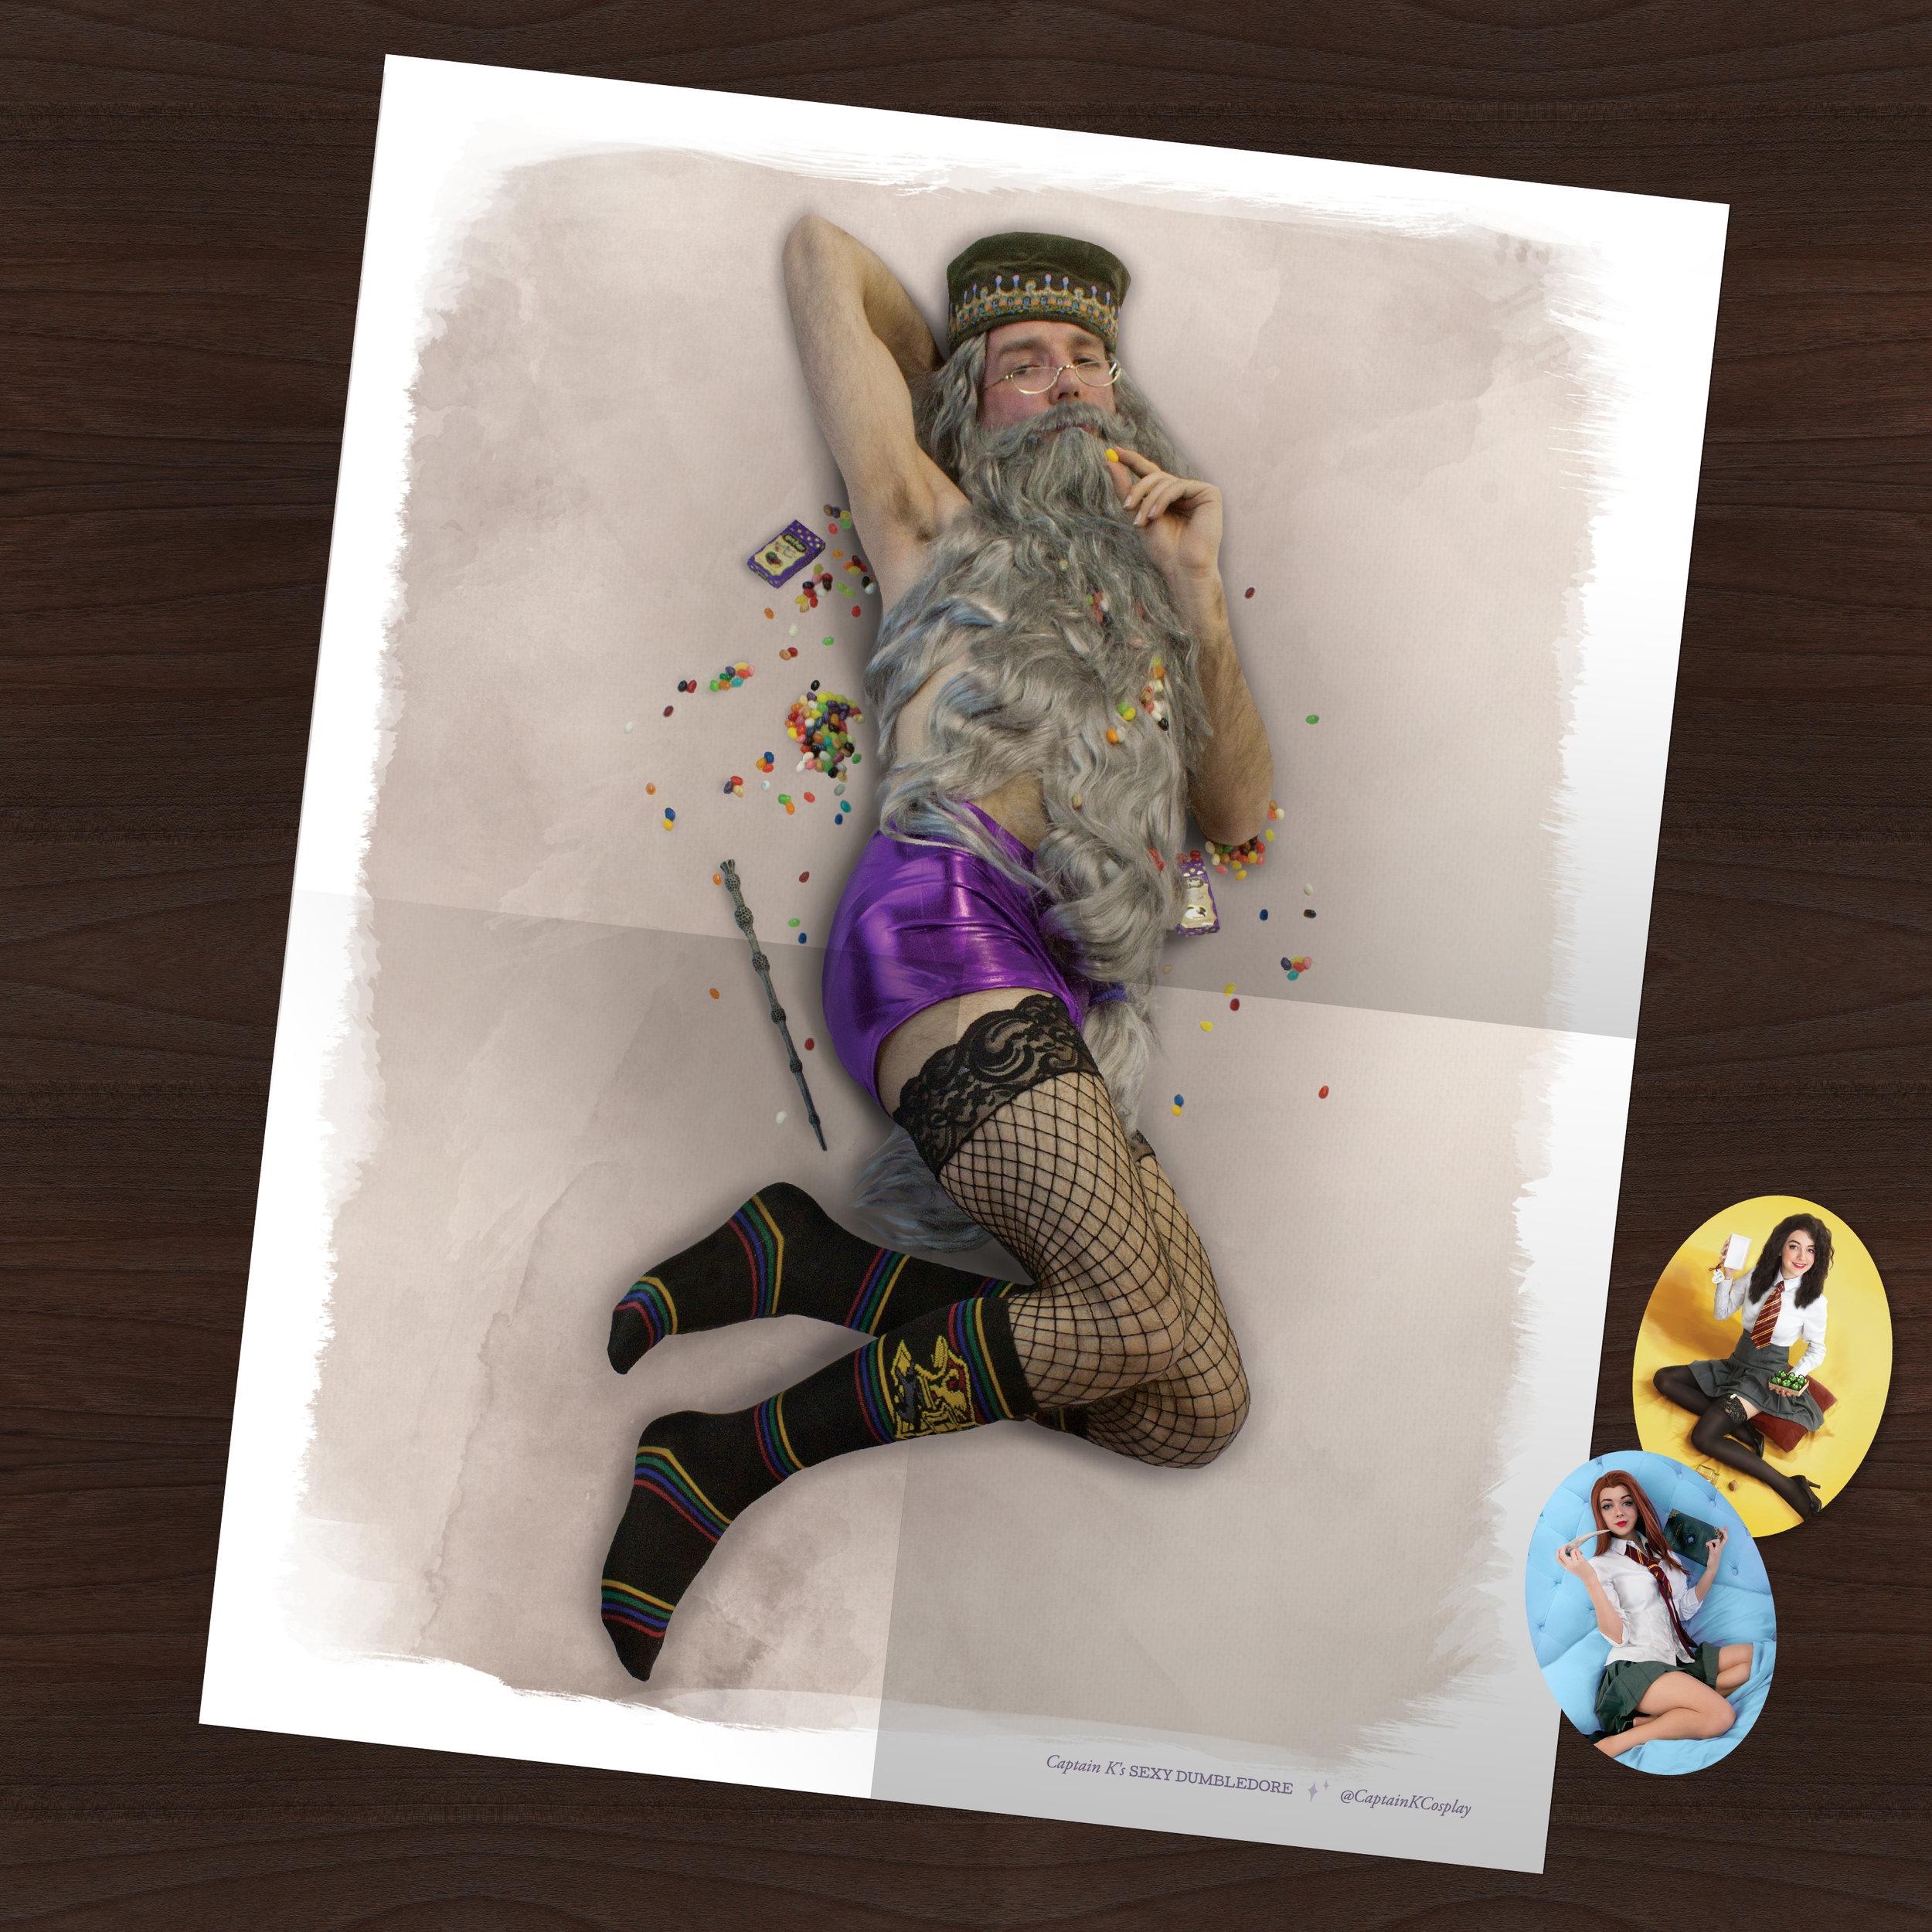 dumbledore poster copy.jpg